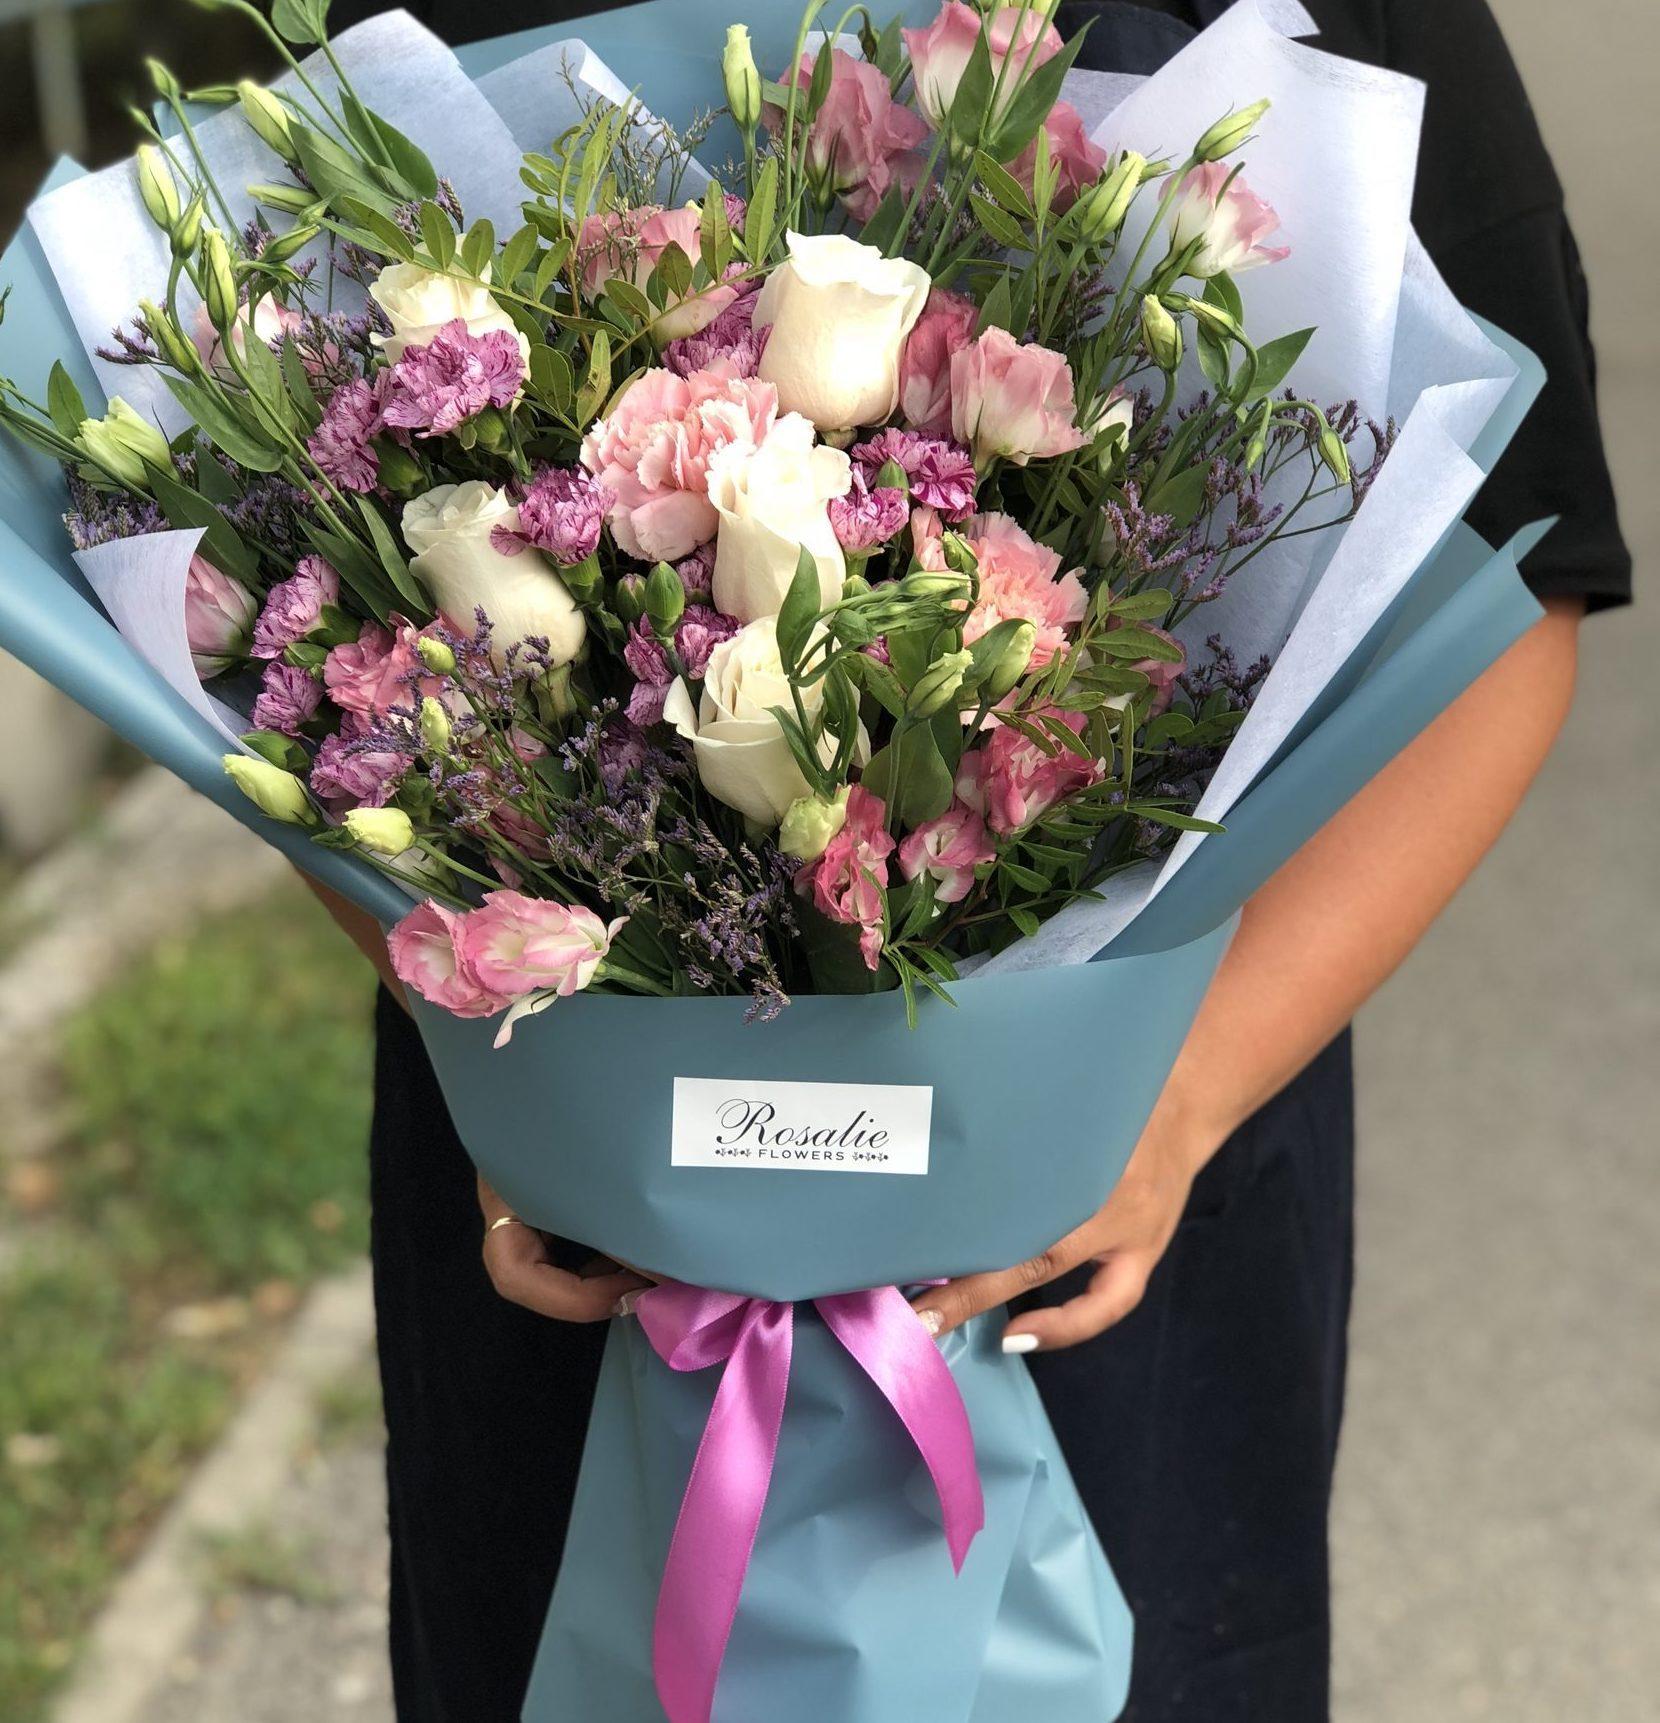 Бесплатная доставка цветов в алматы, цветы